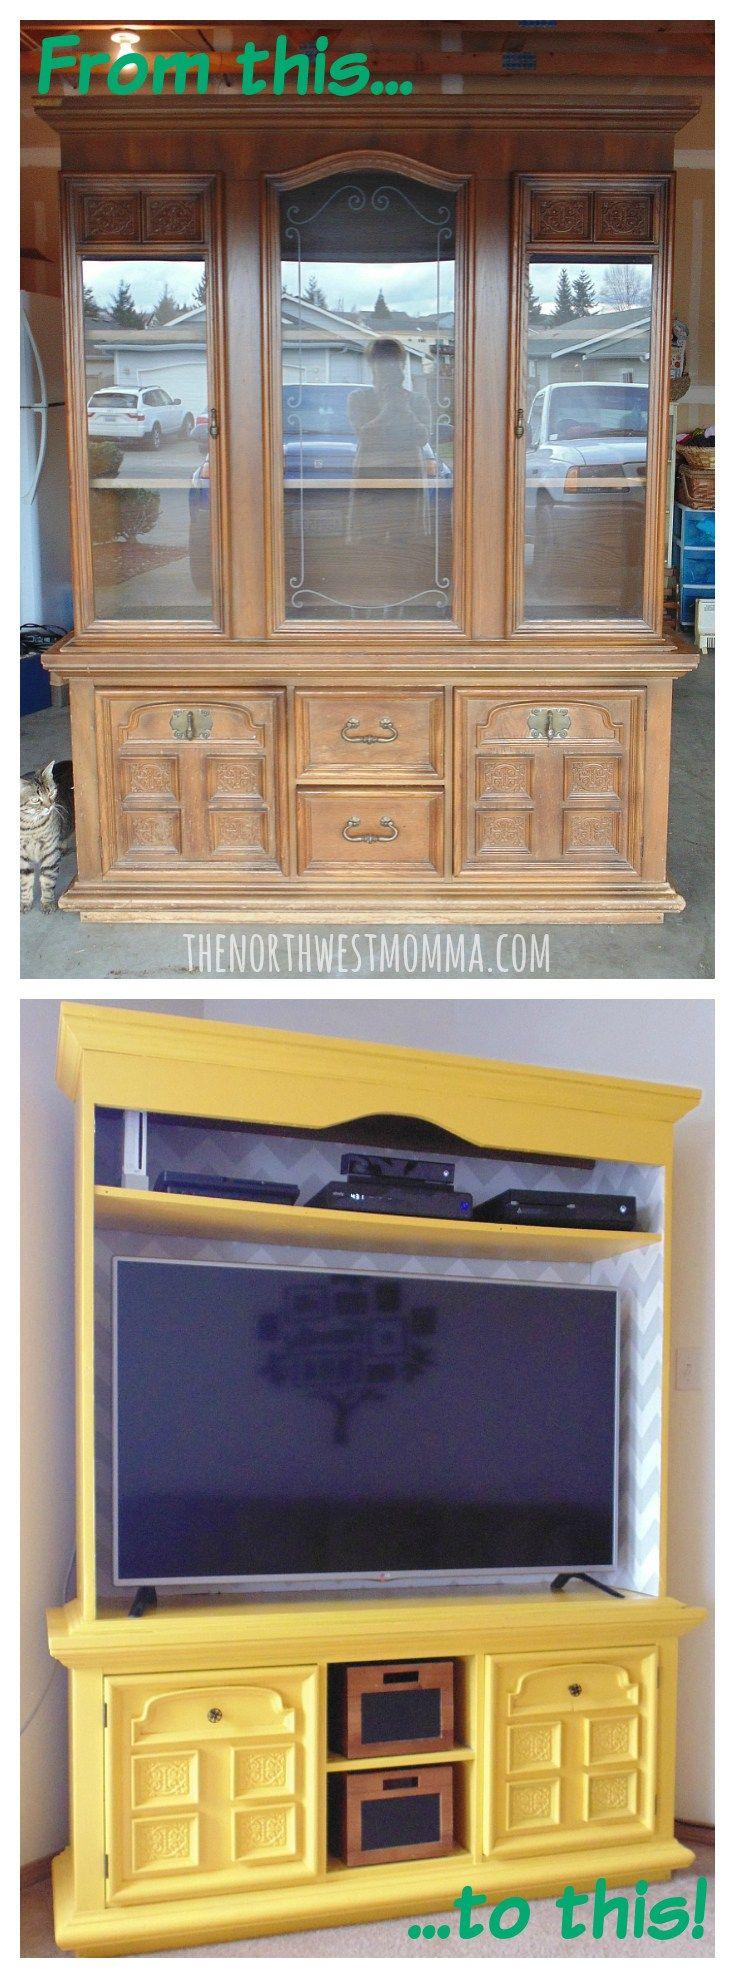 Diy Repurposed China Hutch Reciclado Muebles Restaurados Y Hogar - Reciclado-de-muebles-viejos